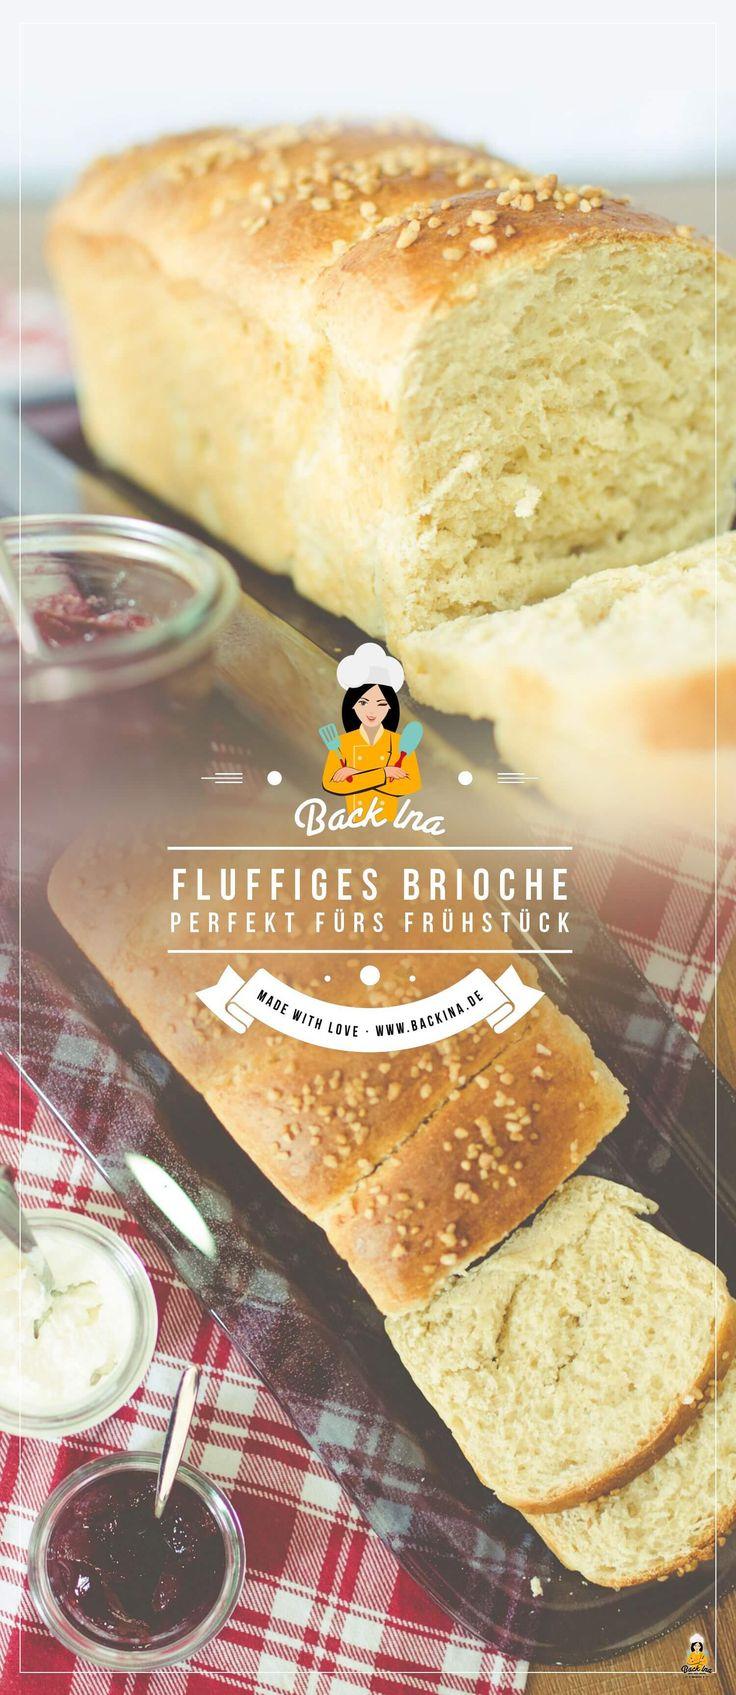 Du suchst ein Brioche Rezept? Dieses einfache Rezept für das französische Hefegebäck eignet sich gut als Osterbrot oder leckeres Hefegebäck zum Frühstück! Erfahre hier, wie du Brioche selber machen kannst!   BackIna.de